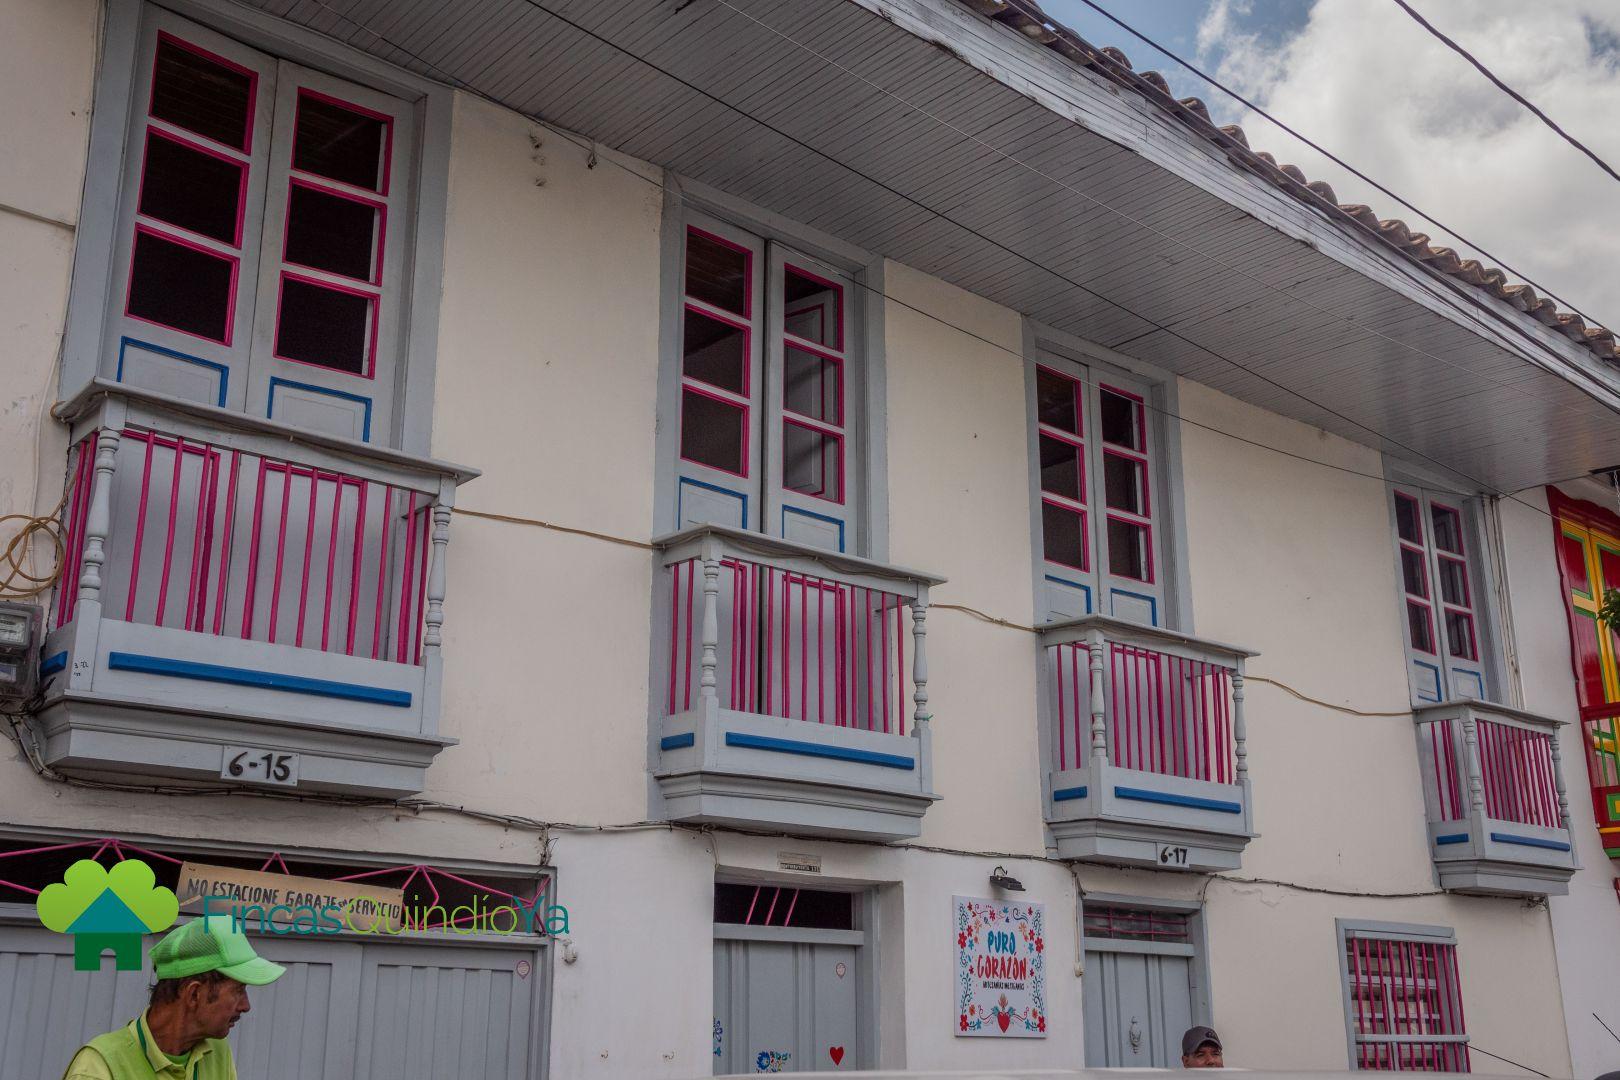 Balcones de color rosa, azul y blanco